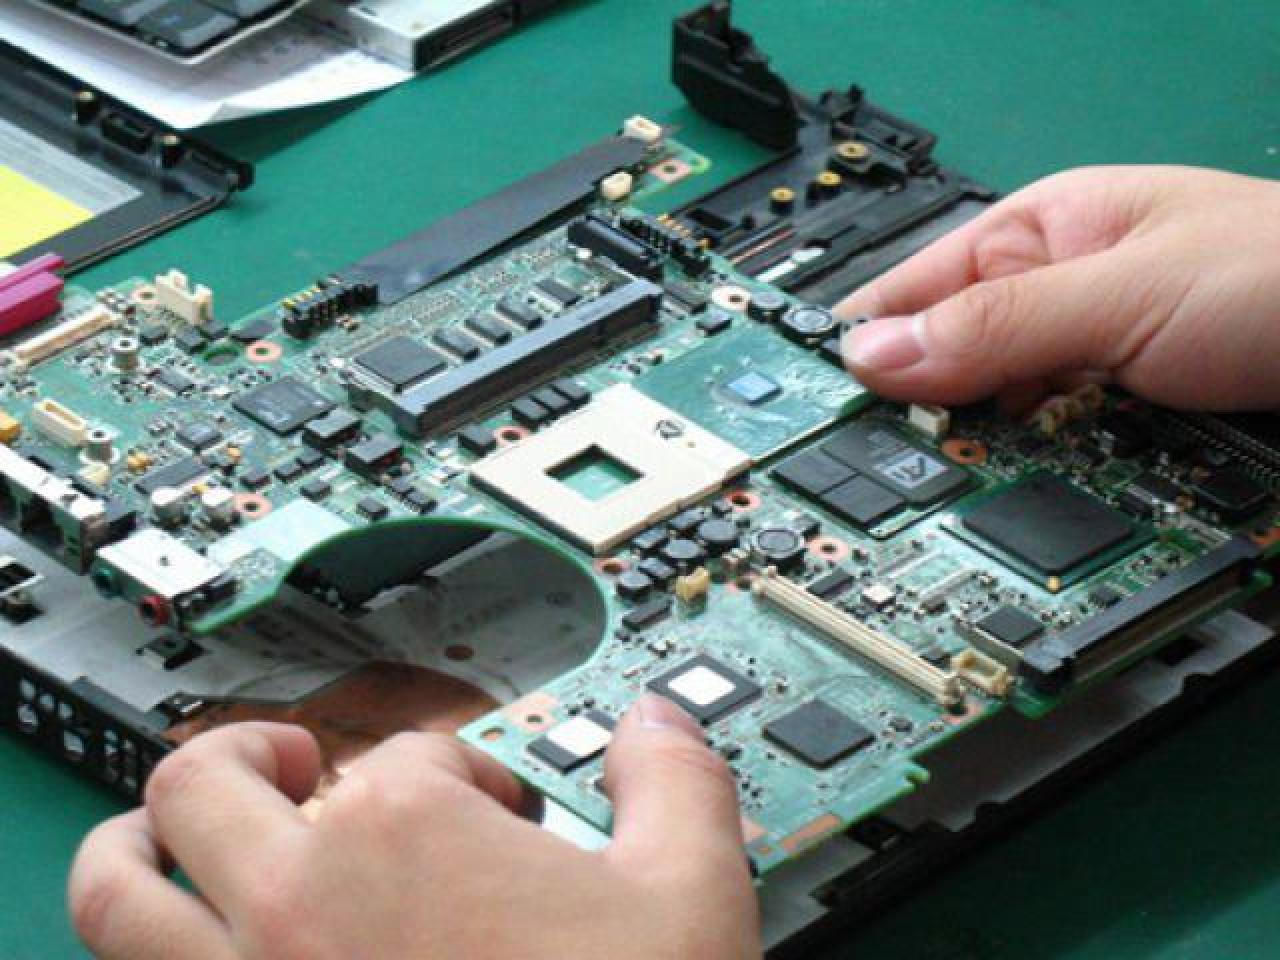 Ремонт компьютеров,ноутбуков,macbook,imac,ребоулинг и замена видео чипов,снятие паролей.Ремонт lcd,п - 1